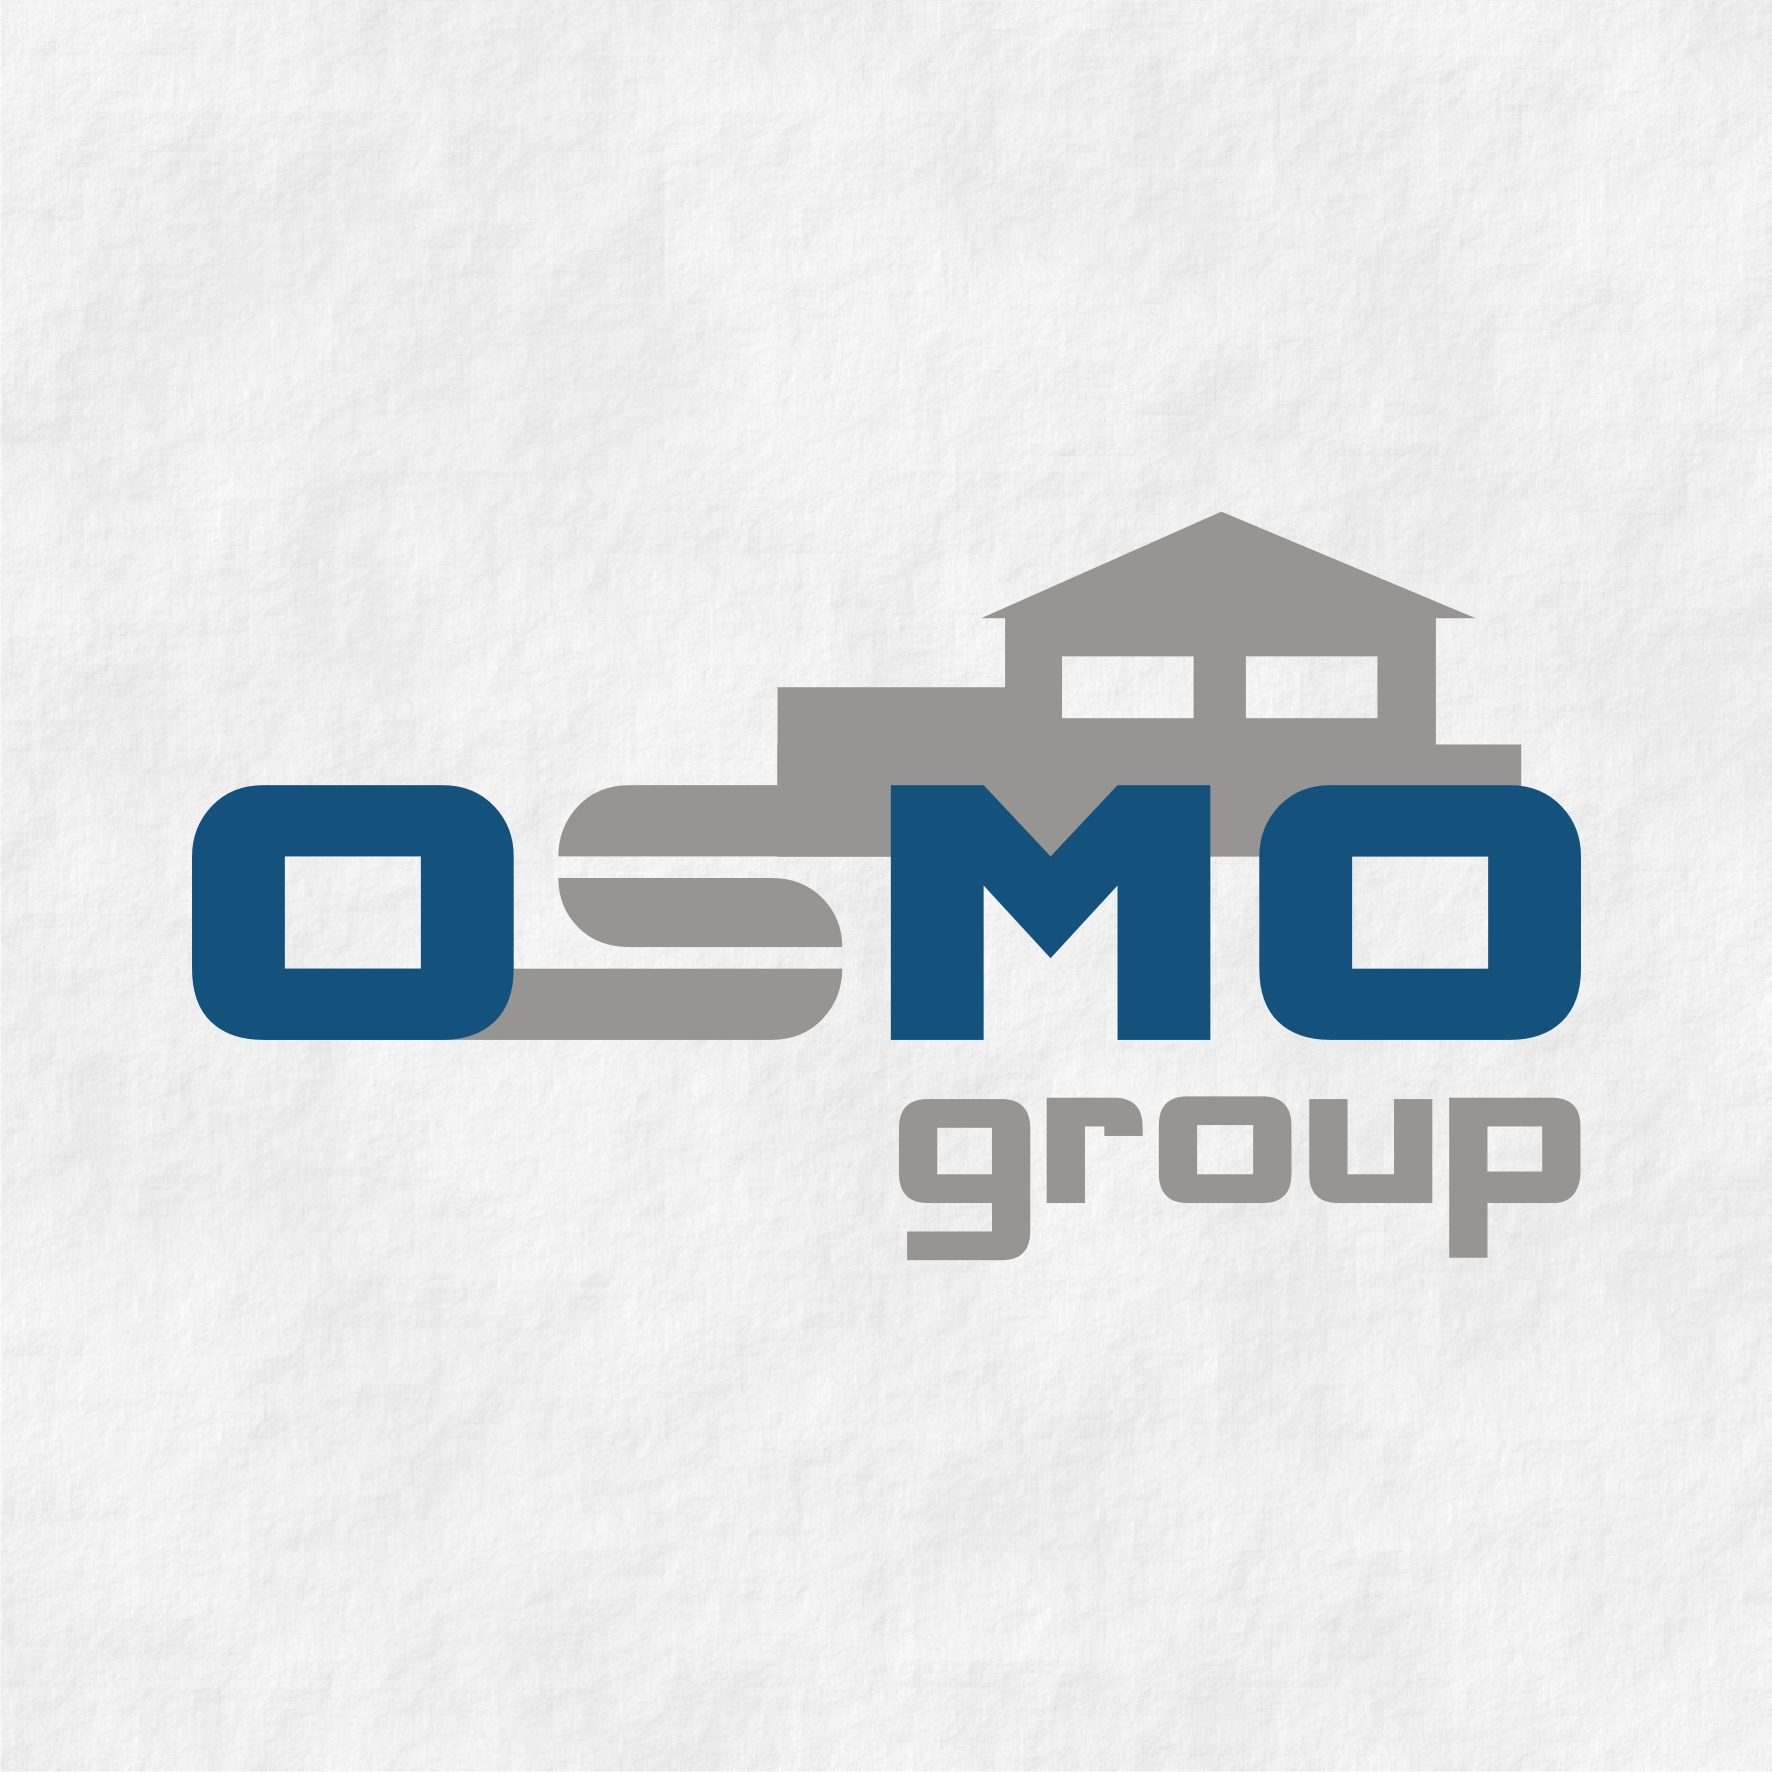 Создание логотипа для строительной компании OSMO group  фото f_85559b58274d4f28.jpg